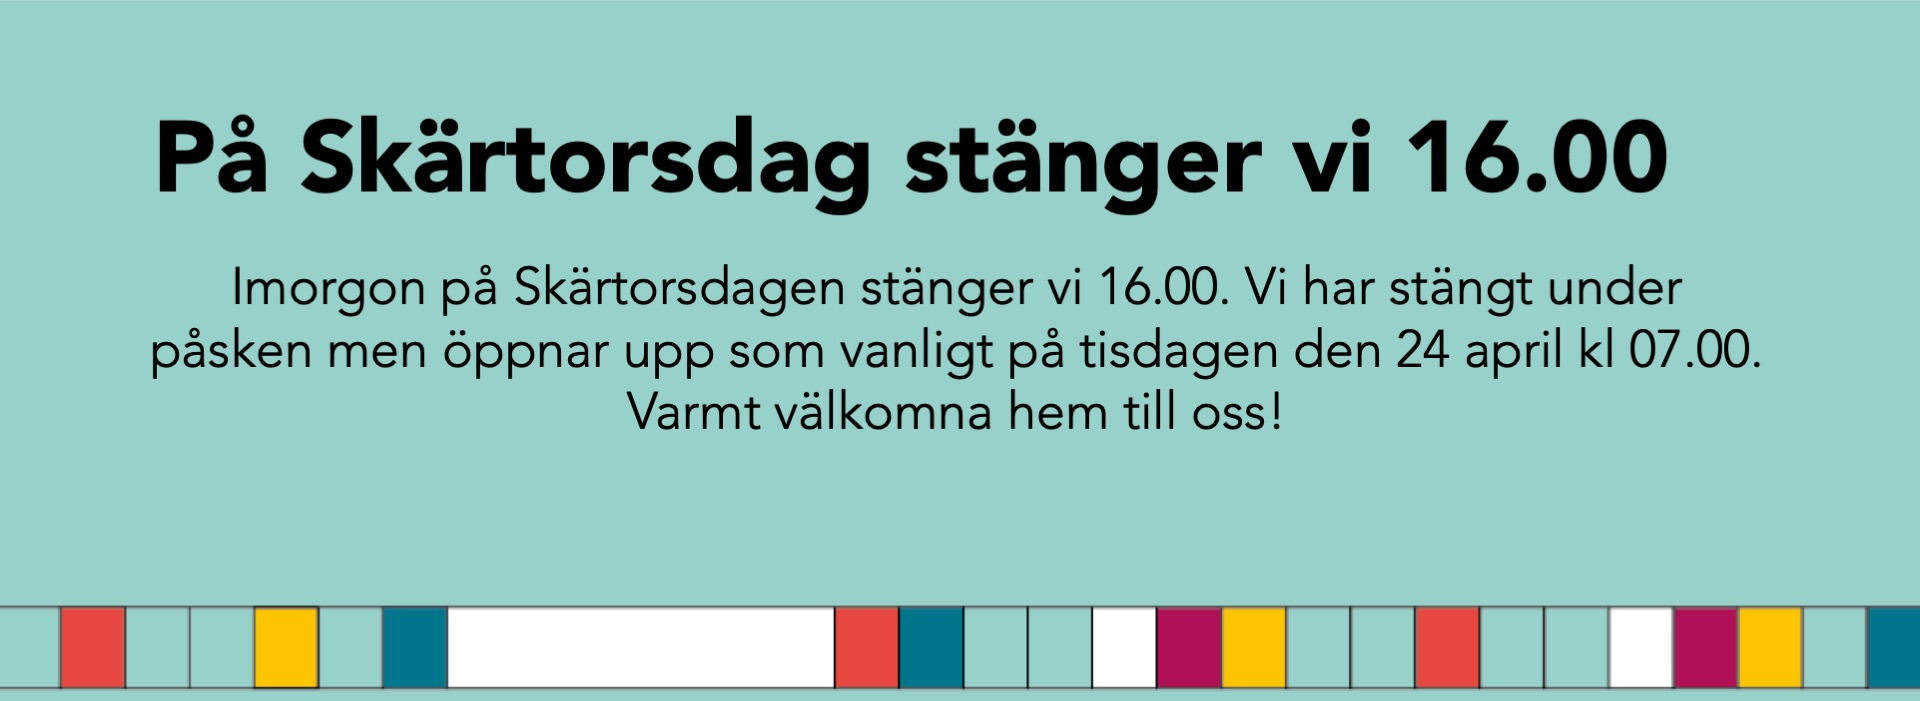 Stängt-Skärtorsdag-2019